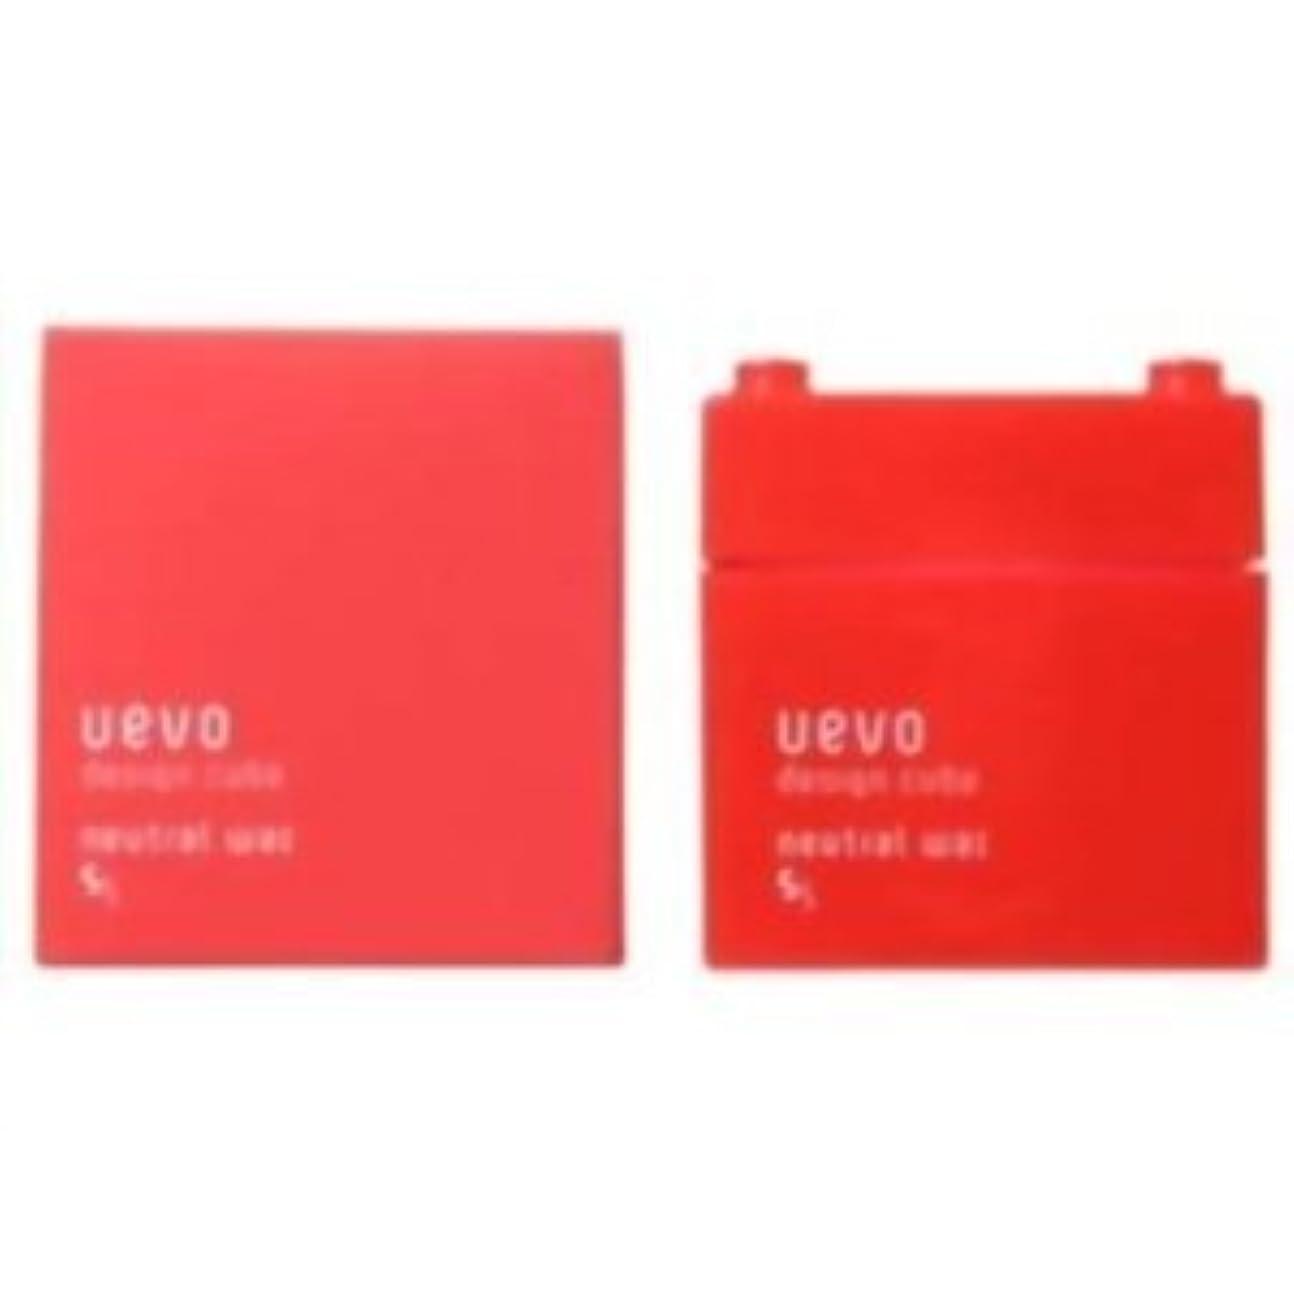 楽な豊かにする科学的【X3個セット】 デミ ウェーボ デザインキューブ ニュートラルワックス 80g neutral wax DEMI uevo design cube